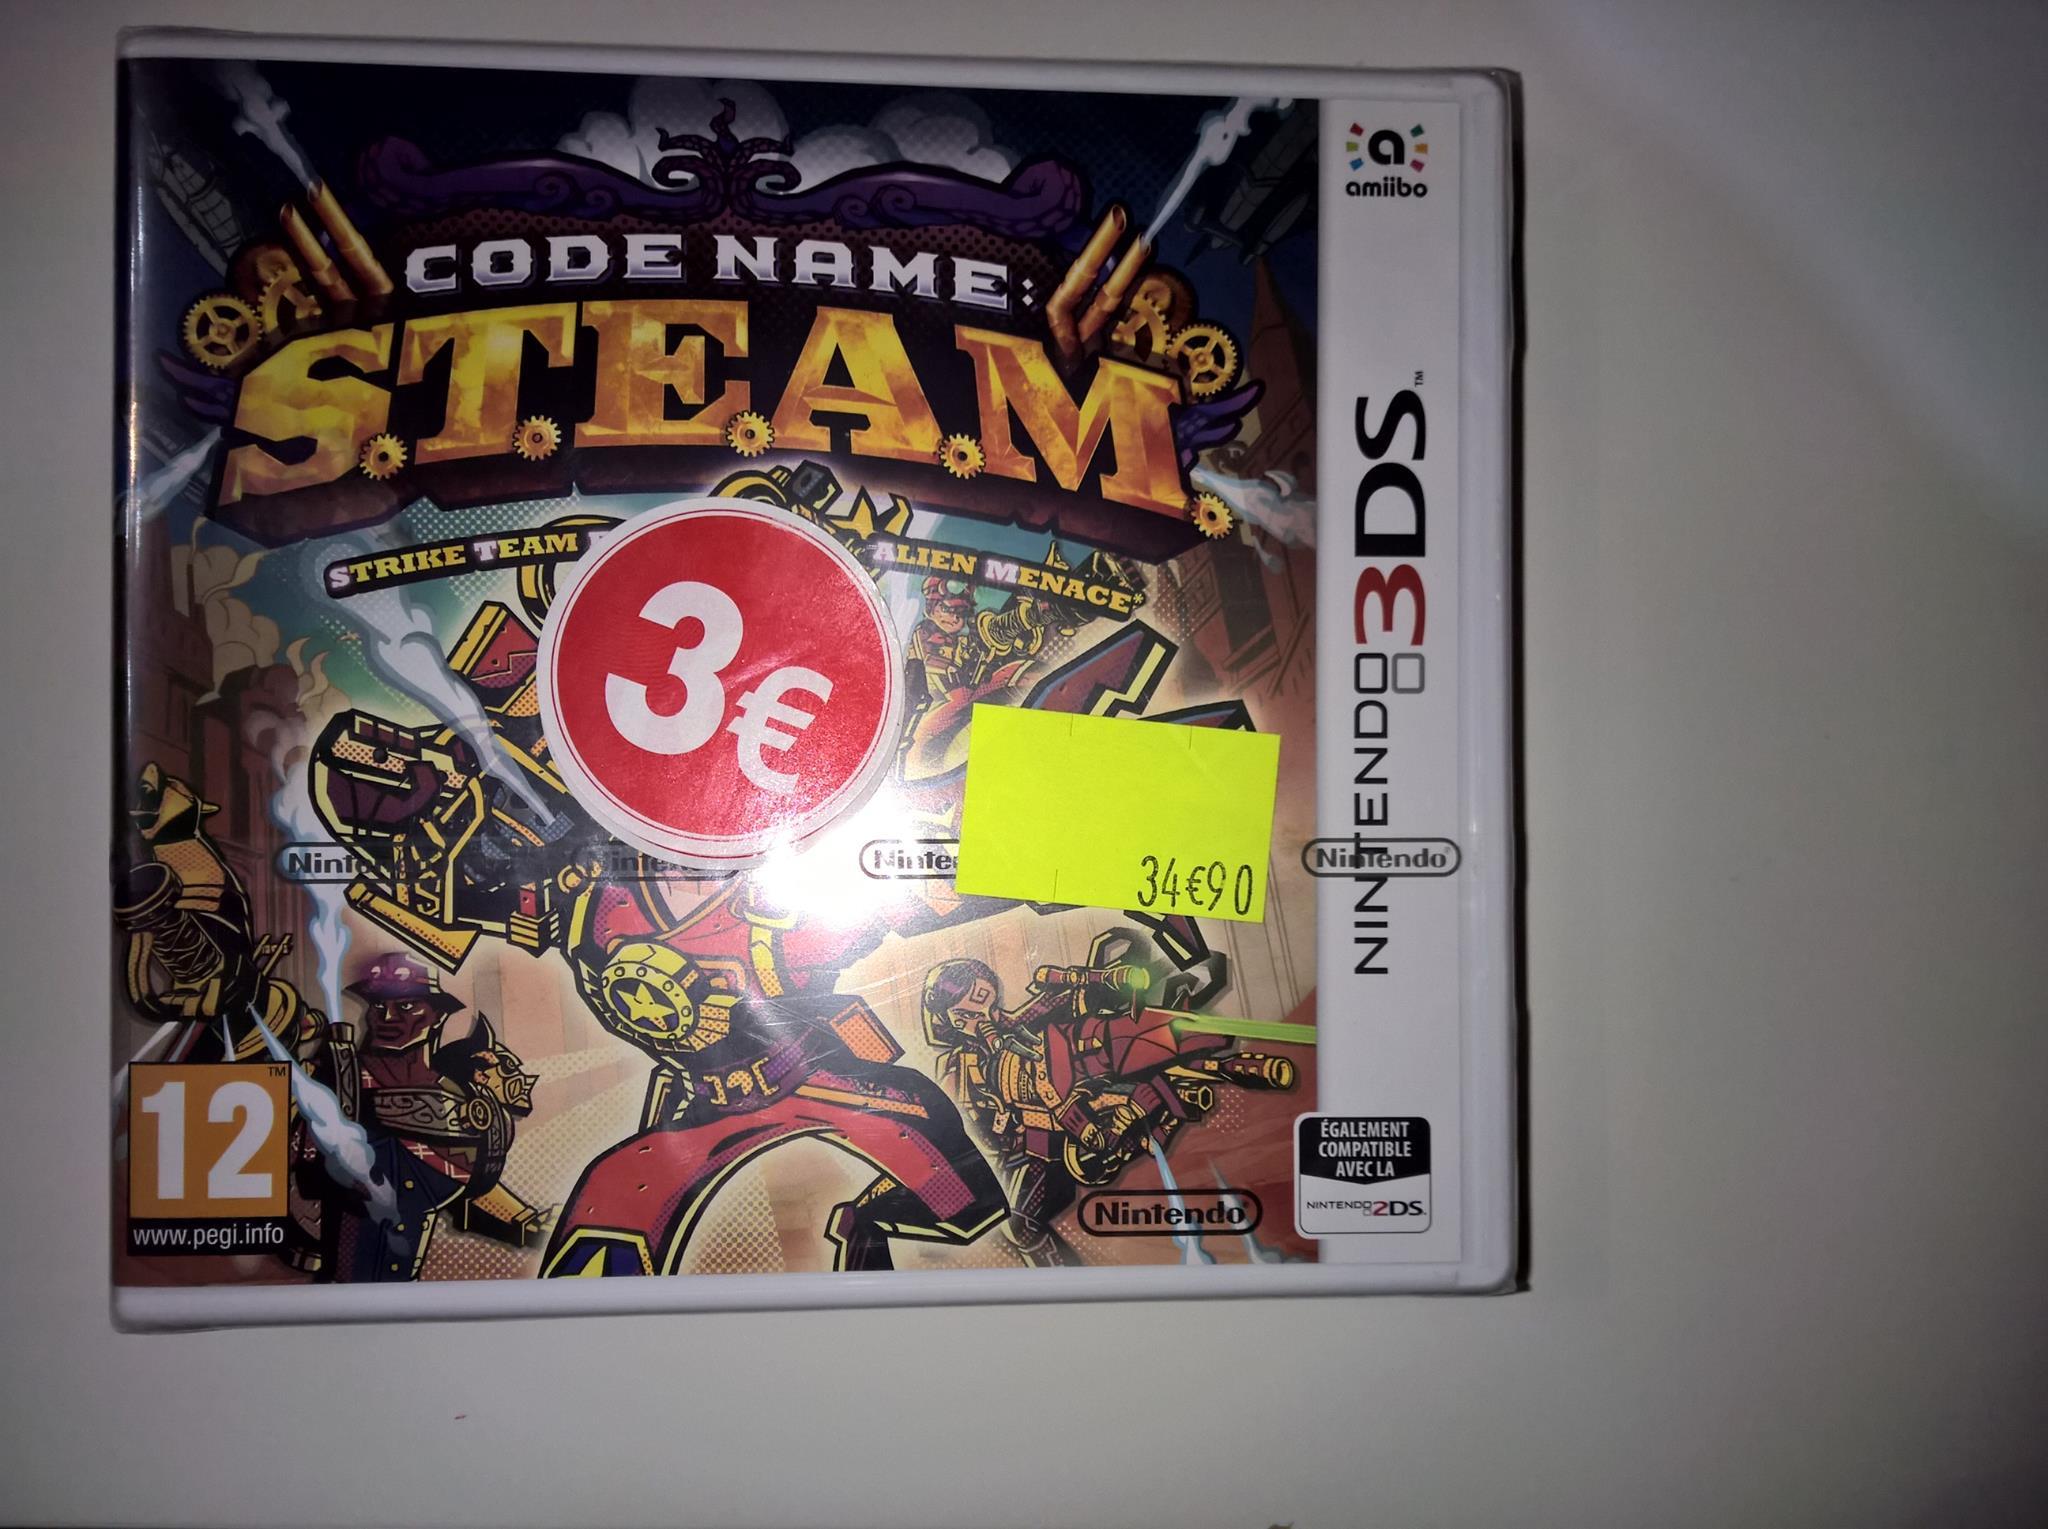 Sélection de Jeux Nintendo 3DS  en Soldes - Ex: Code Name S.T.E.A.M  - Feurs (42)